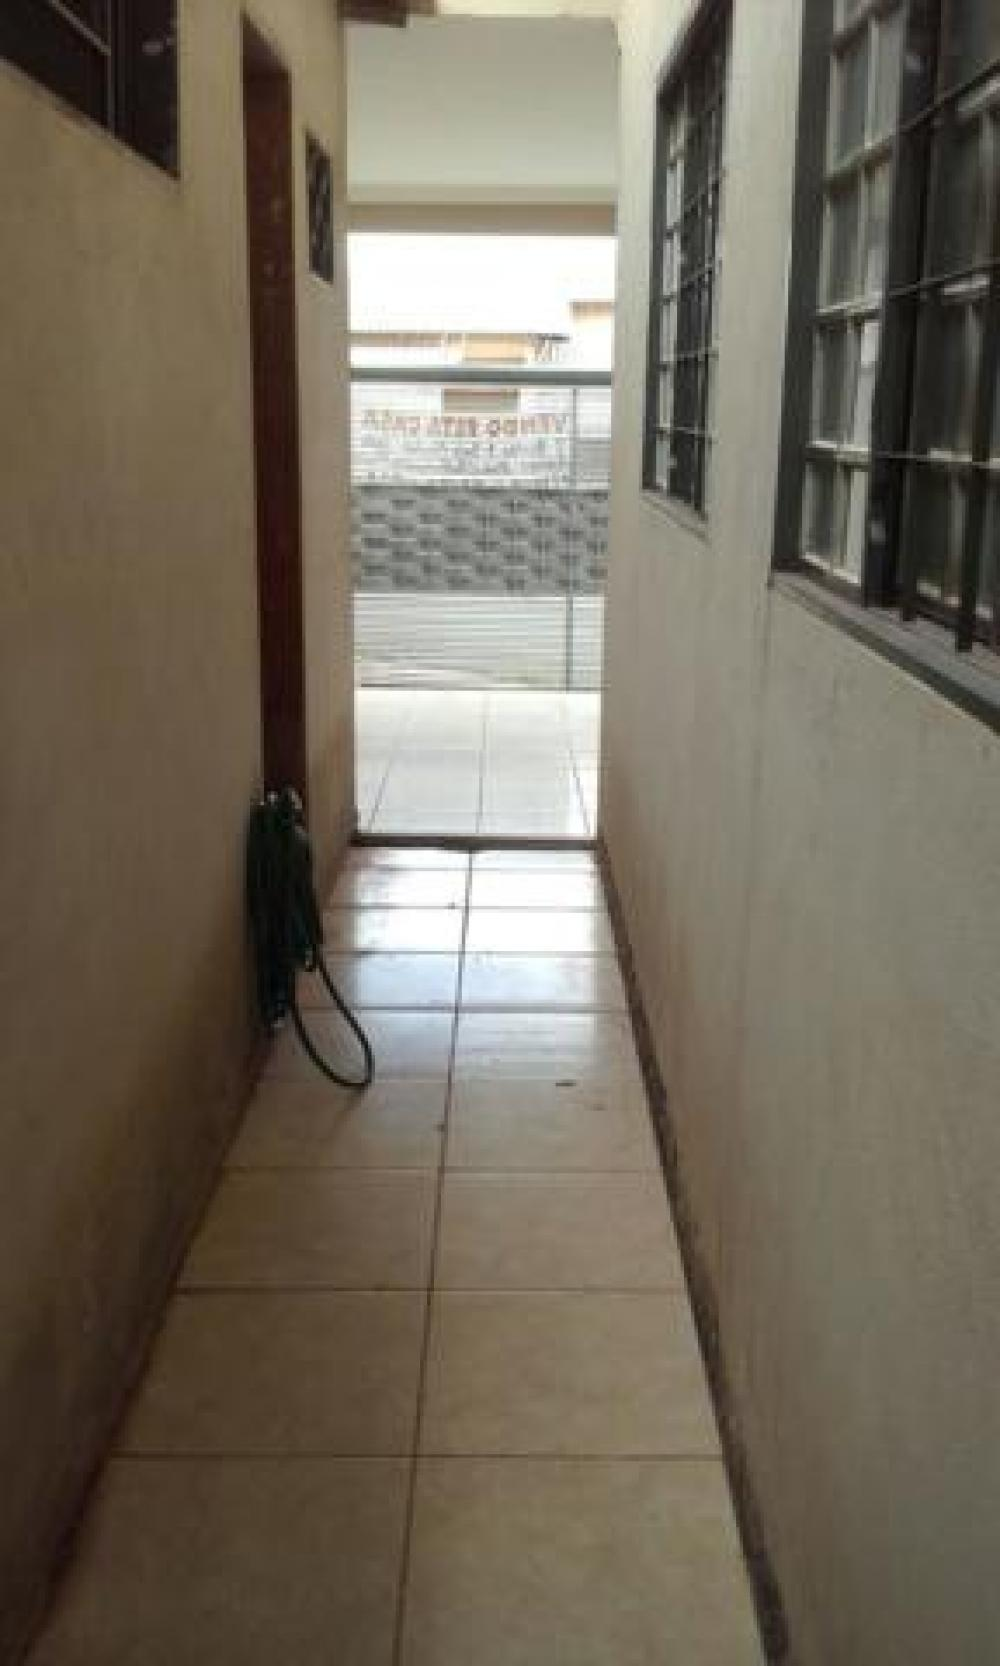 Comprar Casa / Padrão em São José do Rio Preto apenas R$ 340.000,00 - Foto 2